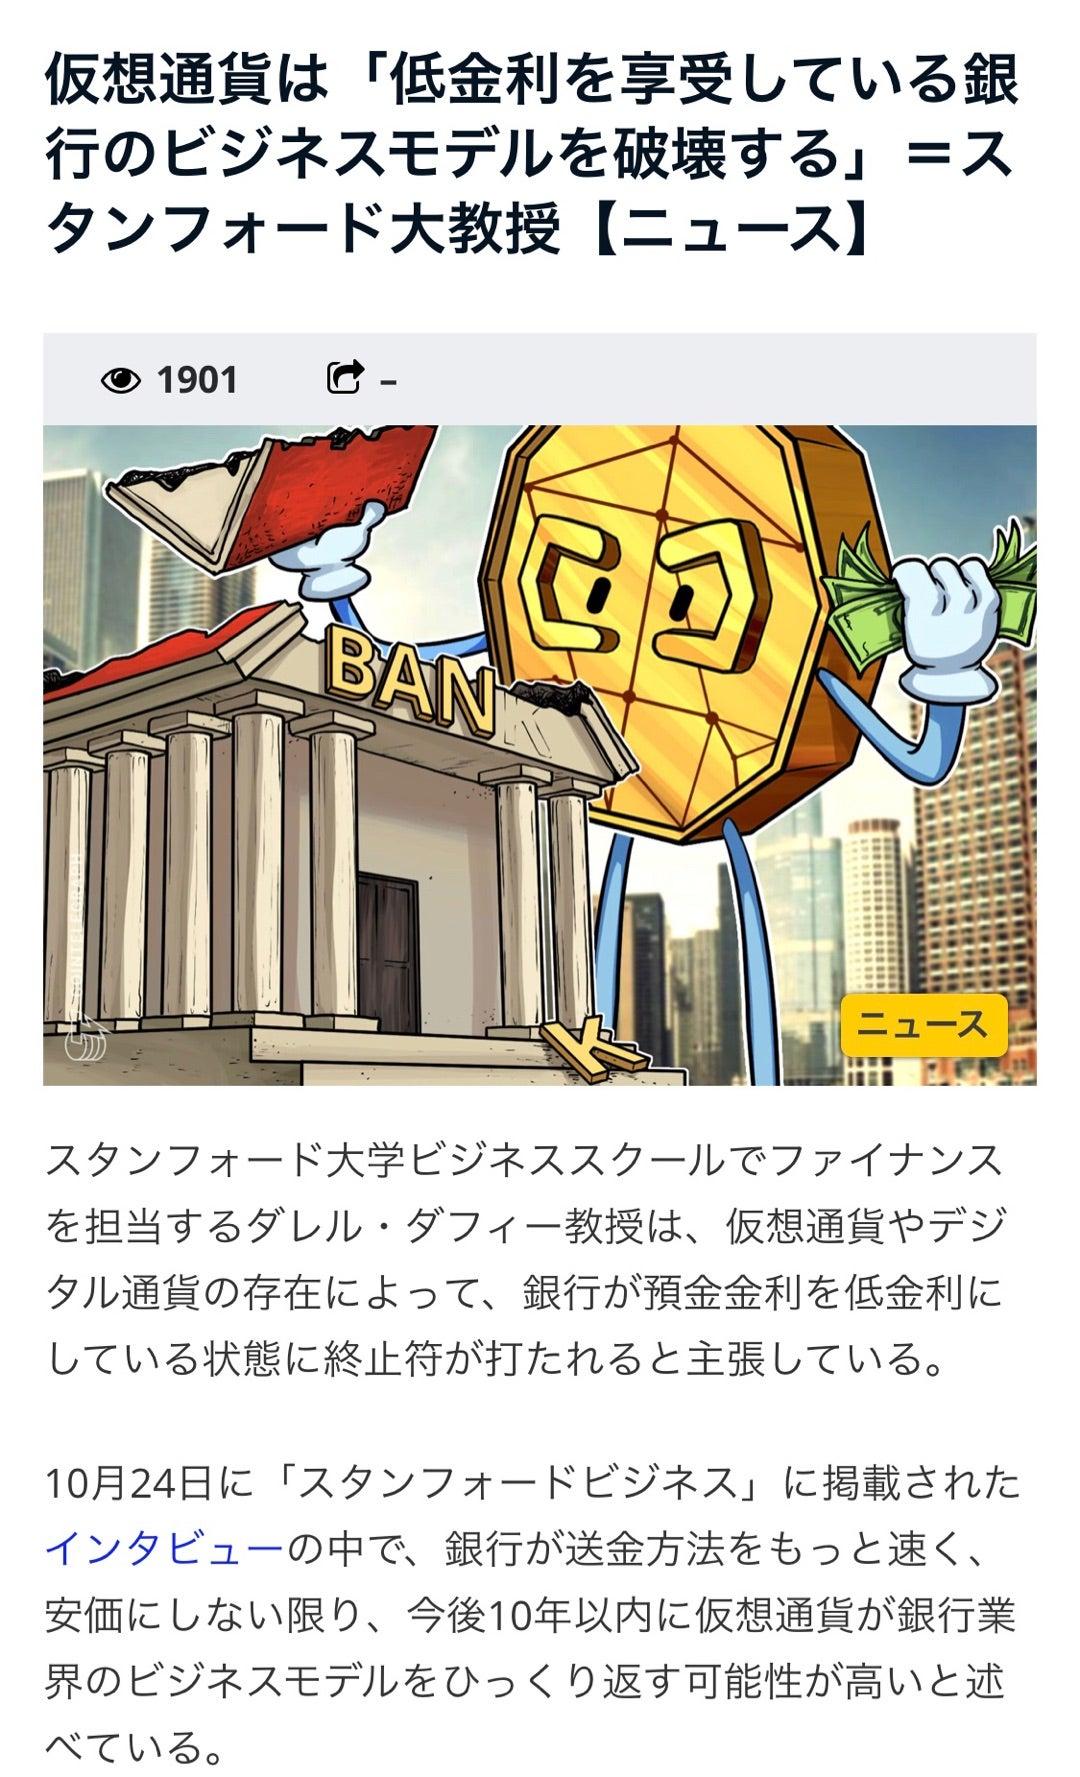 暗号資産(仮想通貨)で稼ぐ方法!1000万円、100万円、10万円別にご紹介。稼ぐための成功事例と失敗事例も!